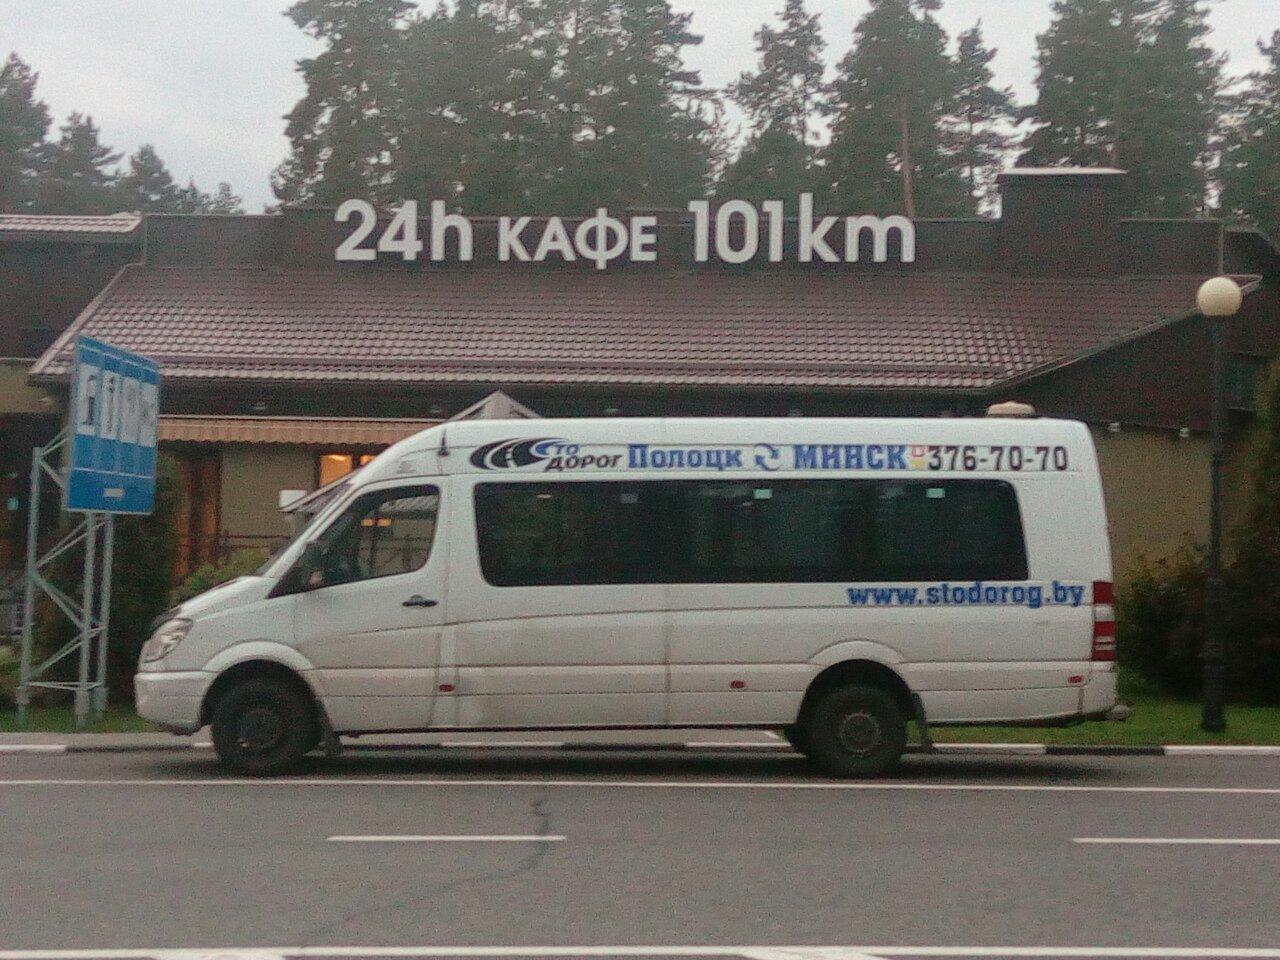 Насколько безопасно доверять свою жизнь полоцким перевозчикам?